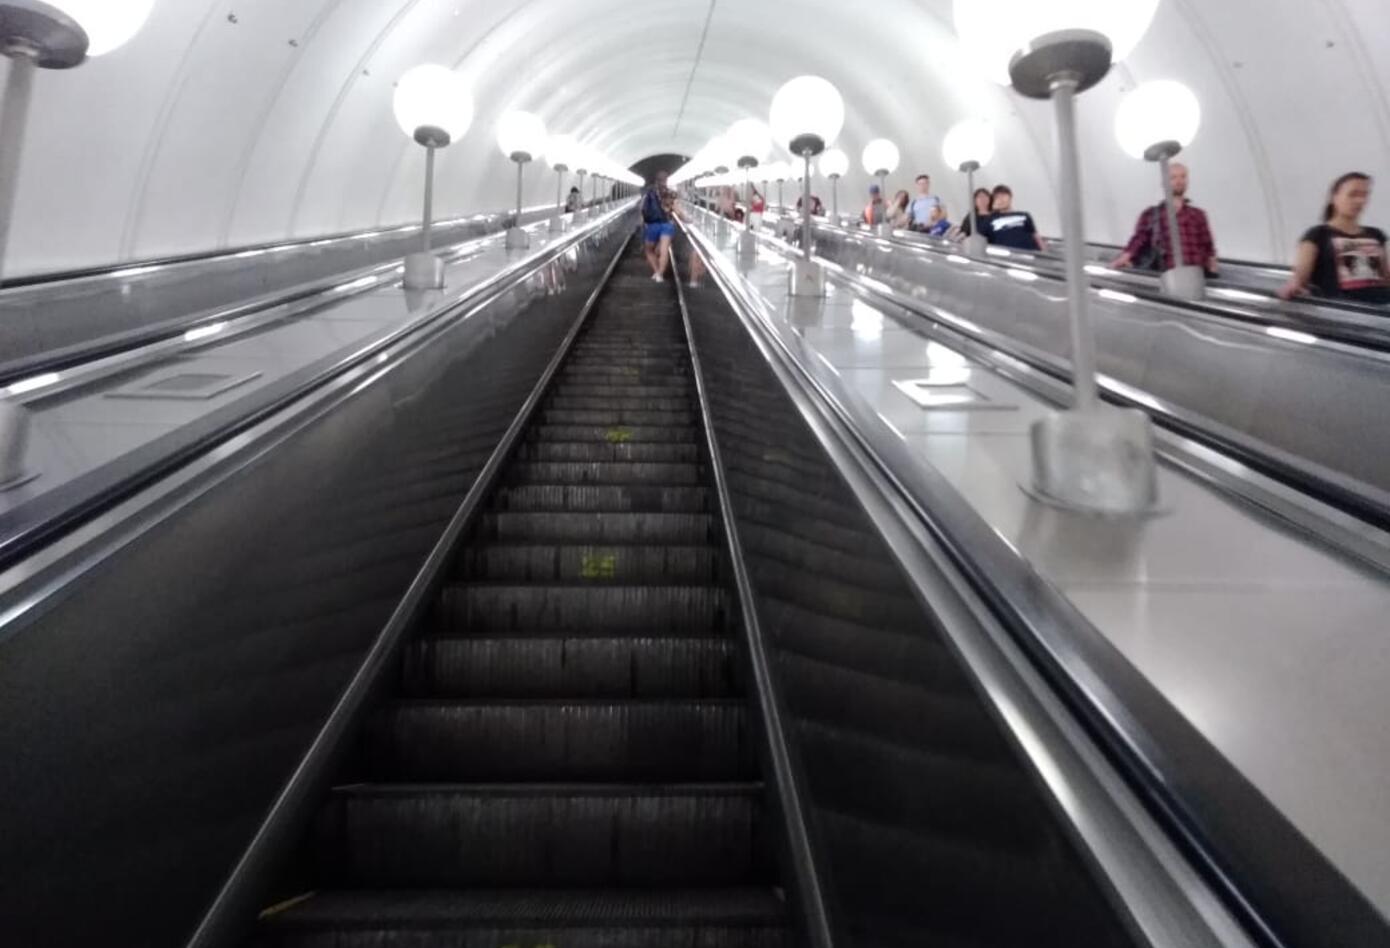 Varias curiosidades tienen la estación de Estaciones Park Pobedy, en el metro de Moscú.